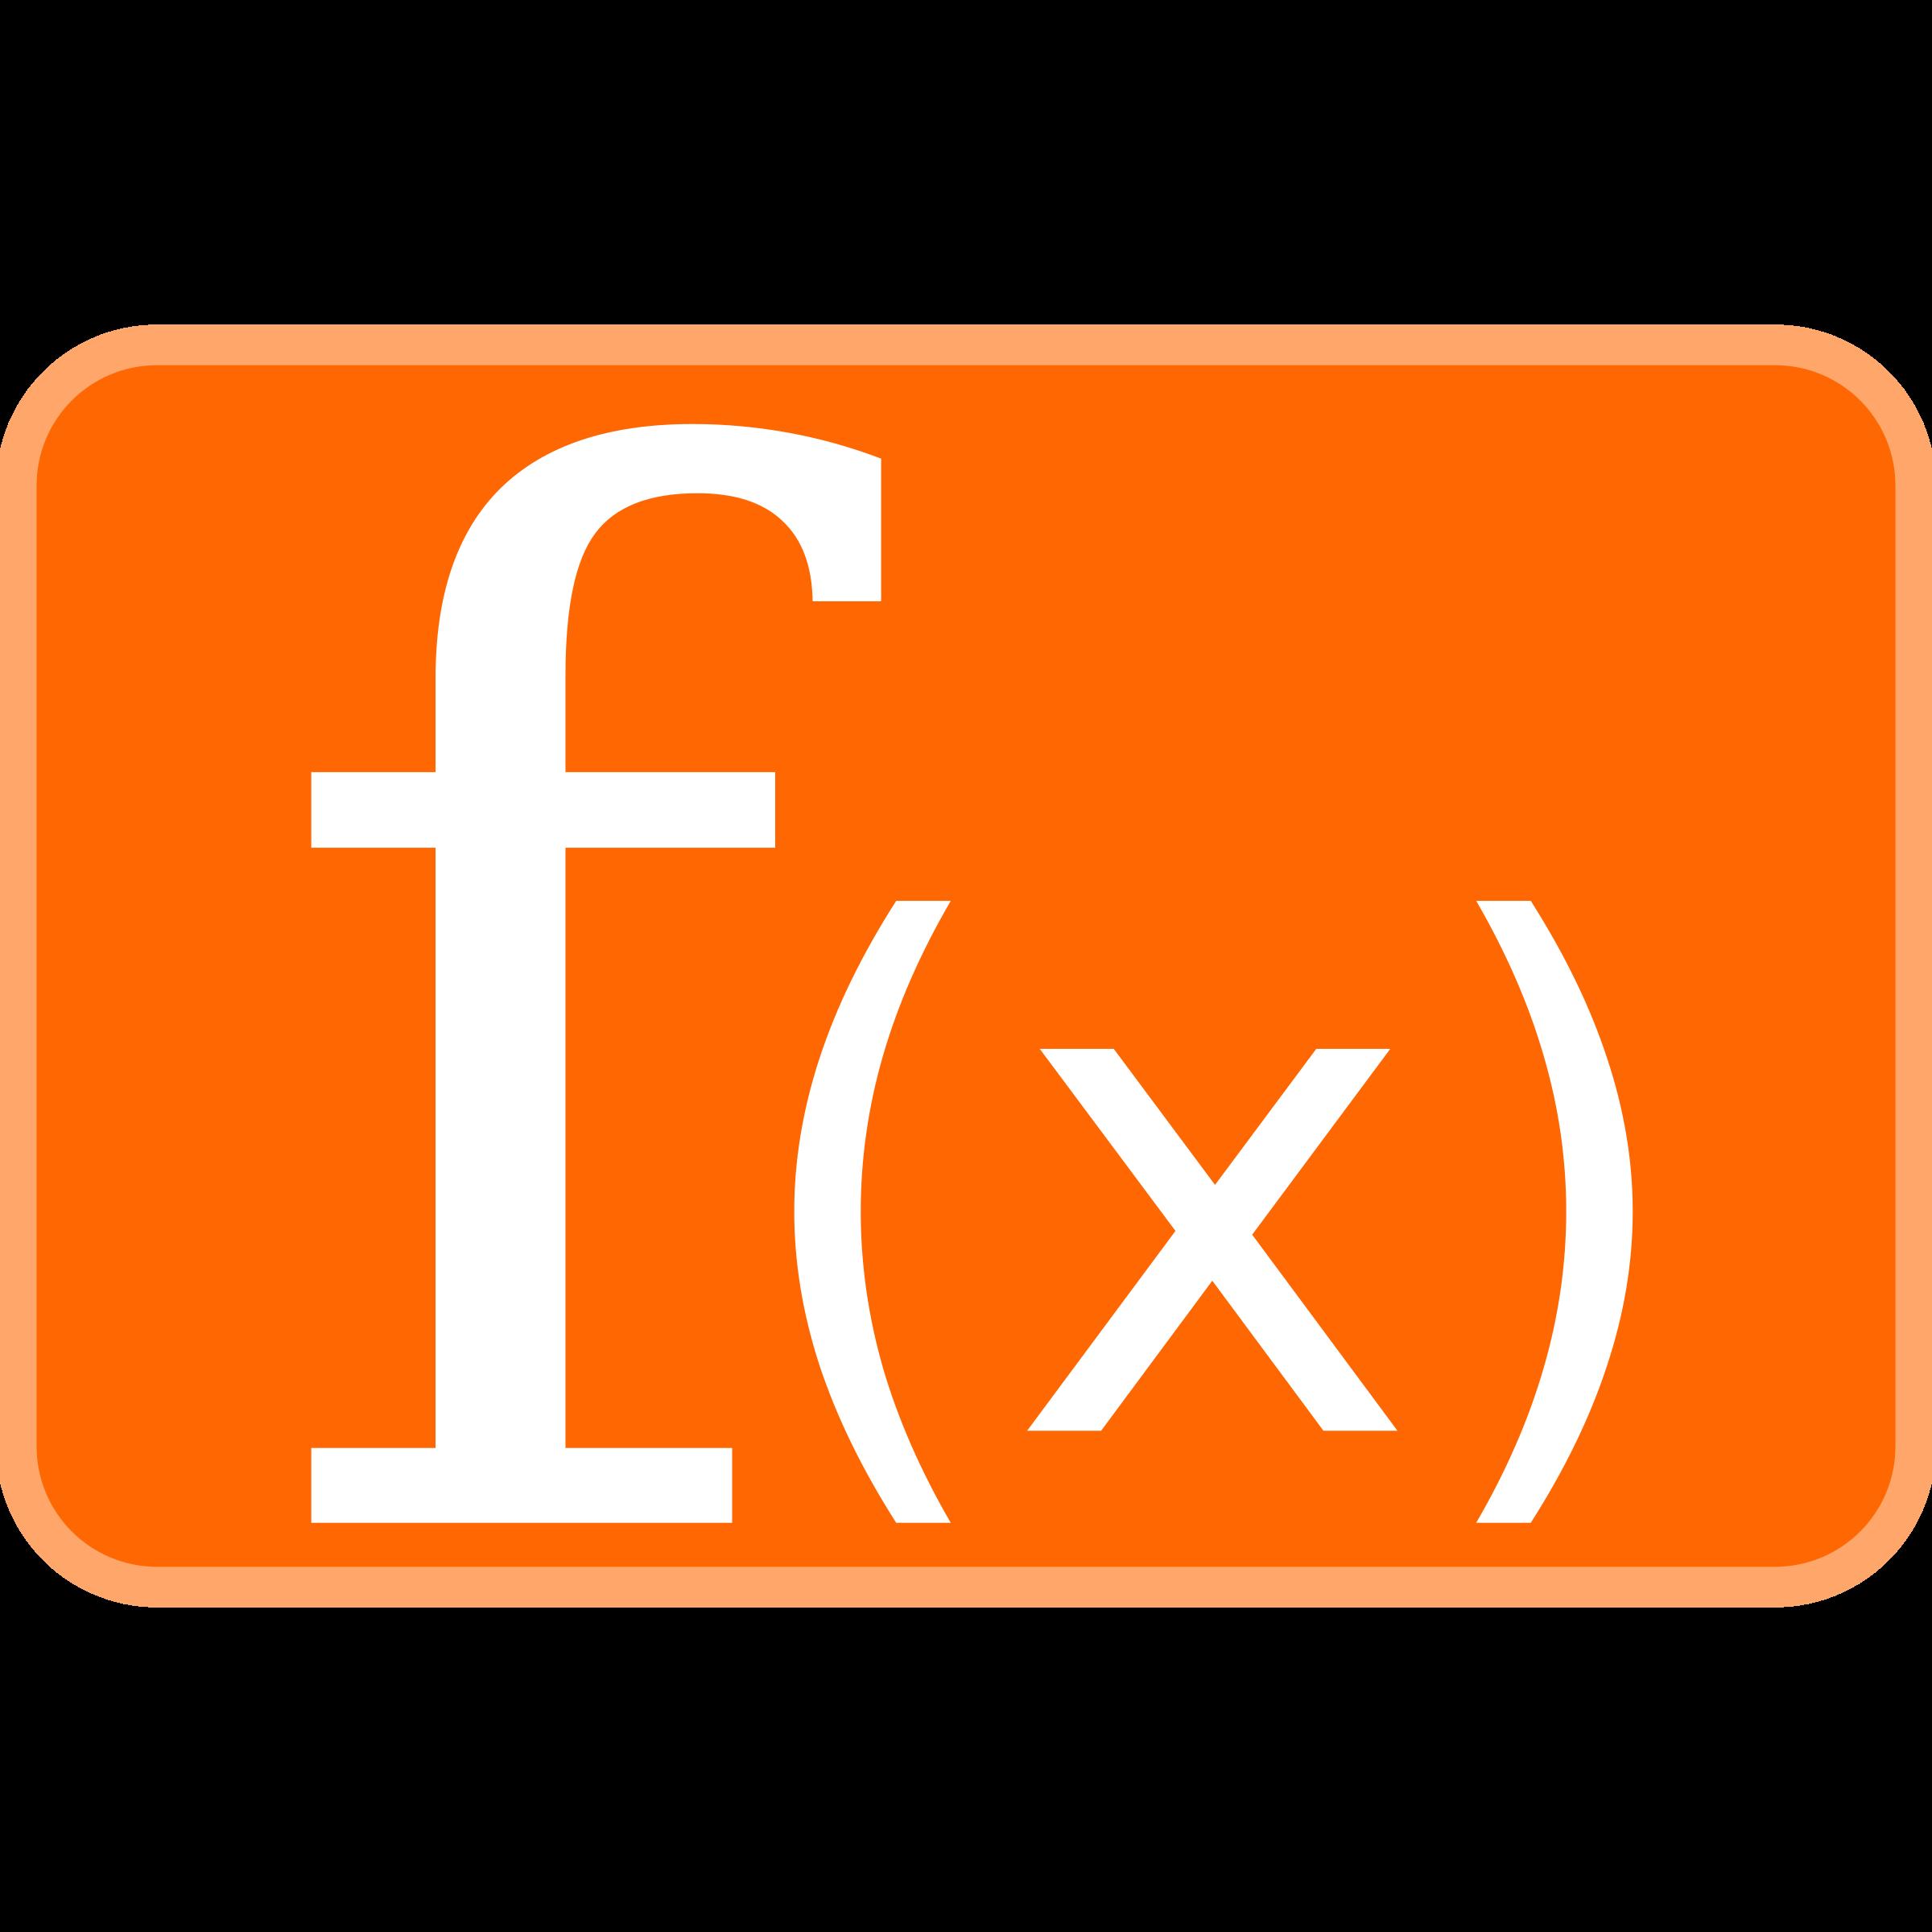 Clip art for teachers. Fraction clipart rectangle fraction